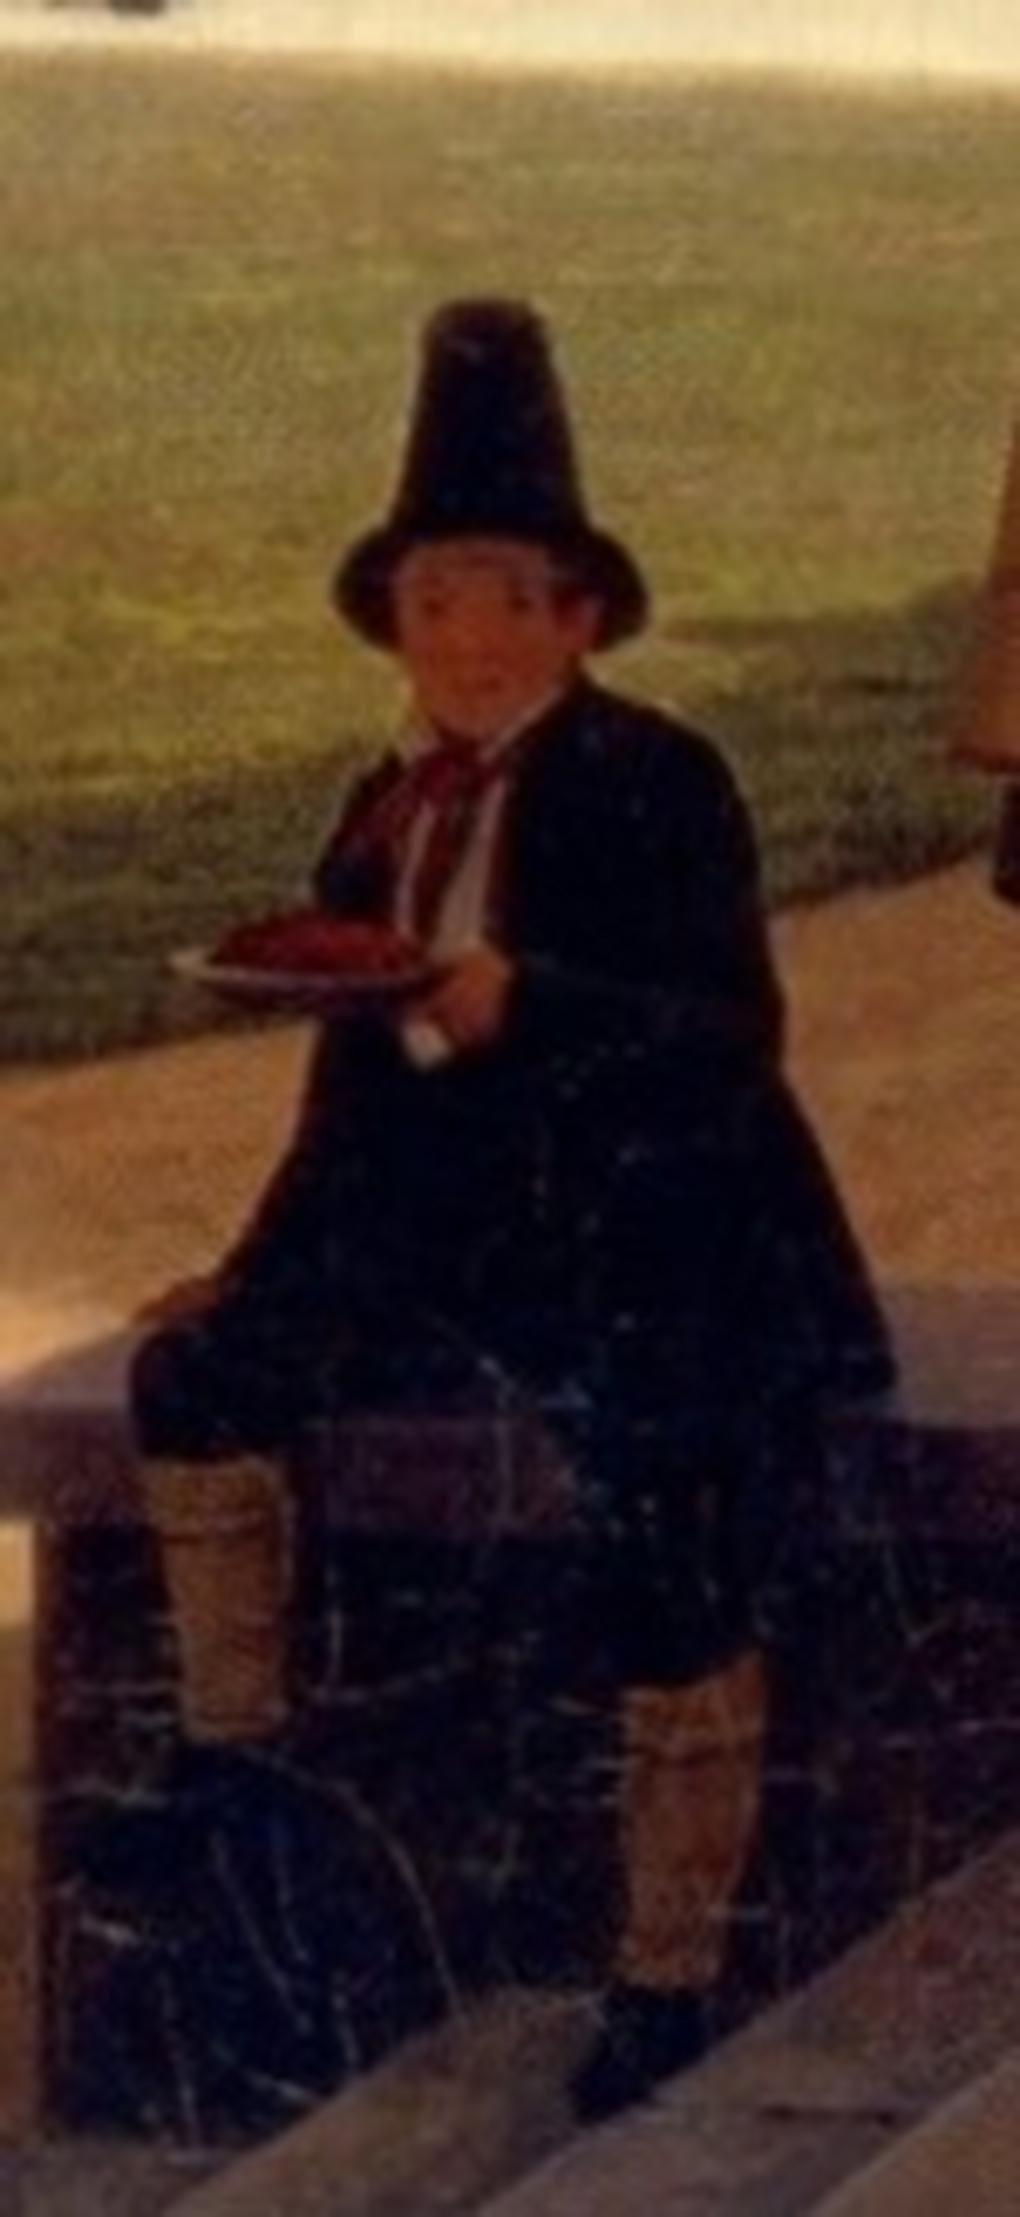 Zdj. 1 Ludwig Most, Chłopiec w stroju regionalnym pracujący w zakładzie mleczarskim w Kreuth, fragment obrazu Wspomnienie z Kreuth, 1841, olej na płótnie, Christie's, London, 19th Century European art., 16.11.2006, s. 37, poz. kat. 24.